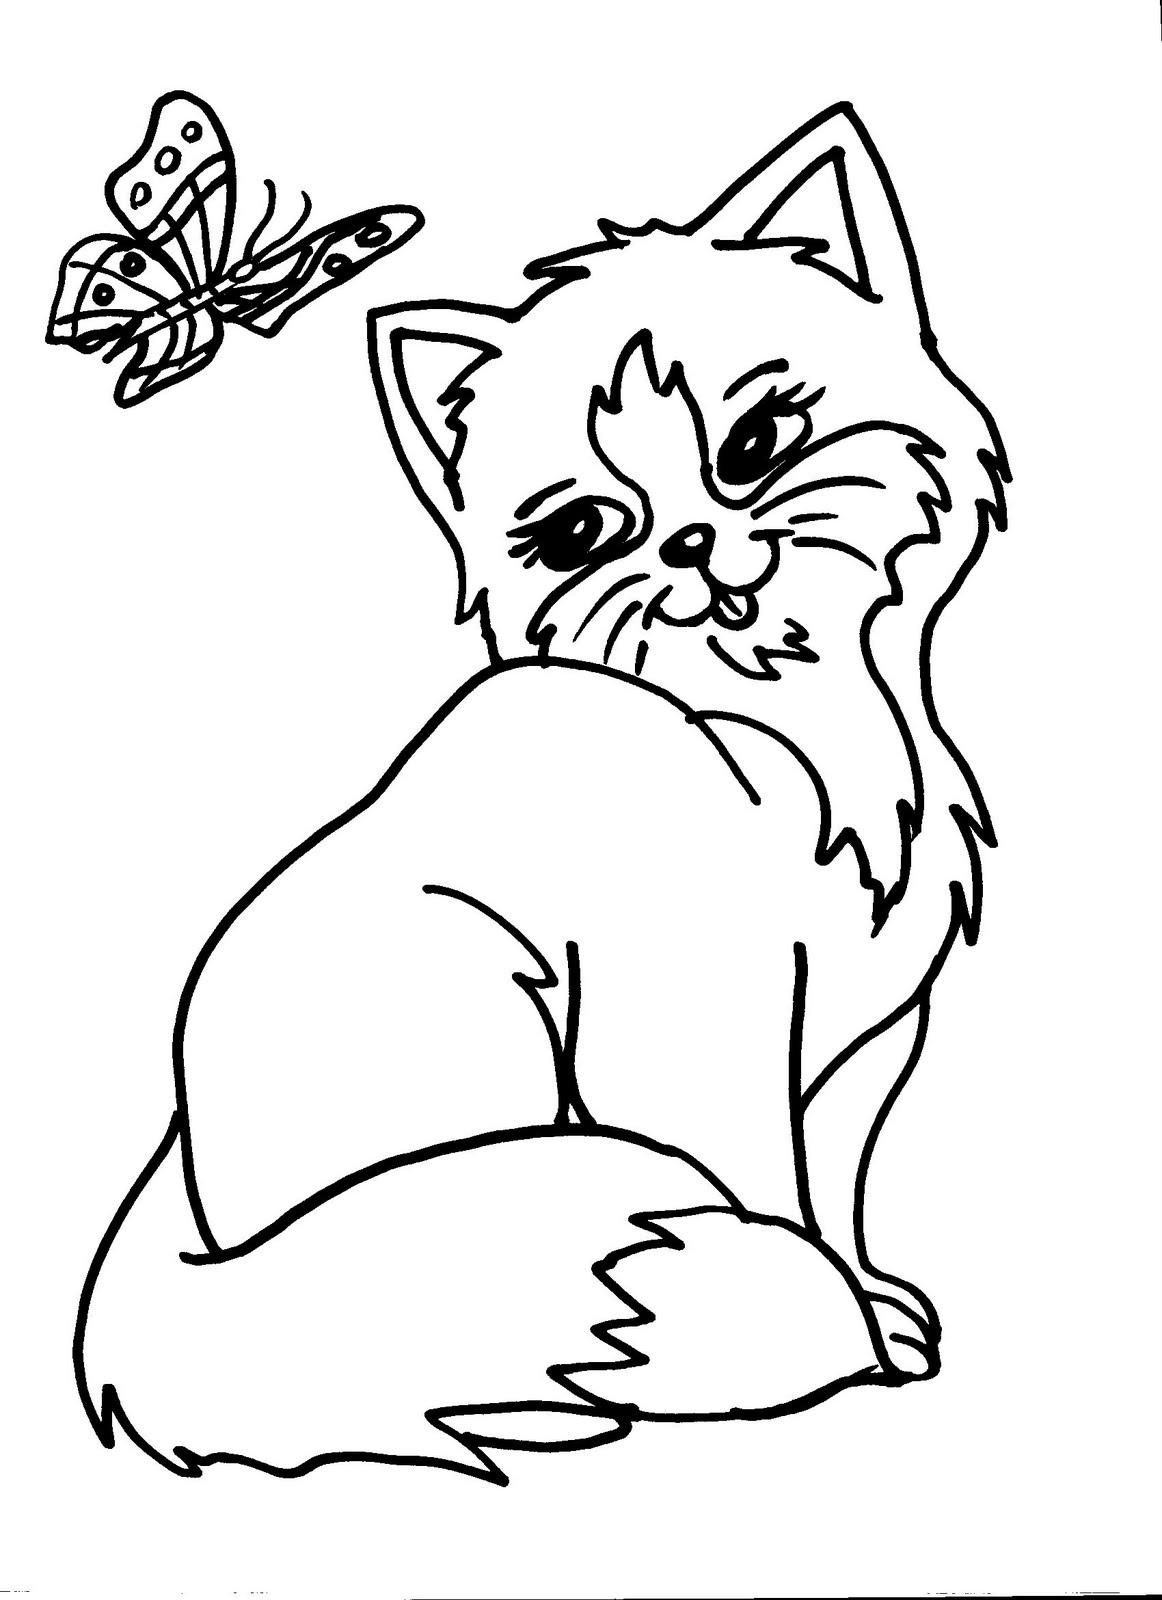 Disegni Da Colorare E Stampare Di Gatti E Cani.Disegni Di Animali Della Fattoria Per Bambini